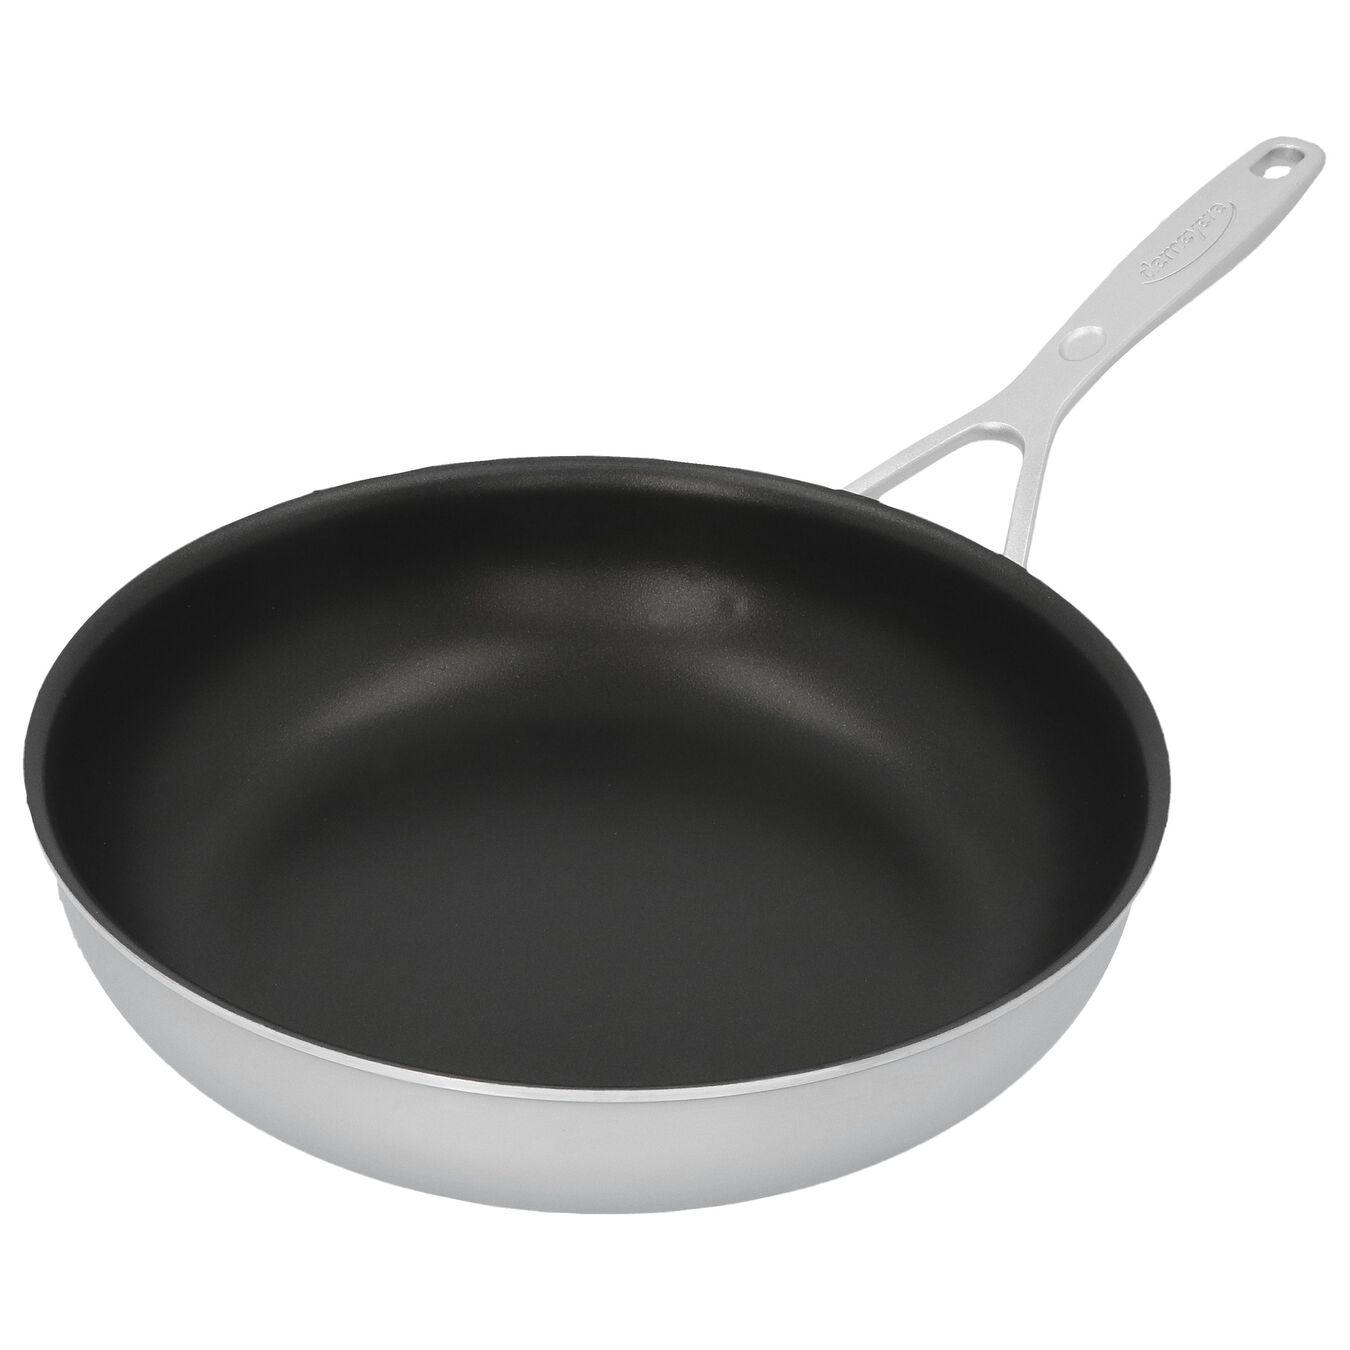 Poêle 24 cm, Inox 18/10, Noir argenté,,large 4